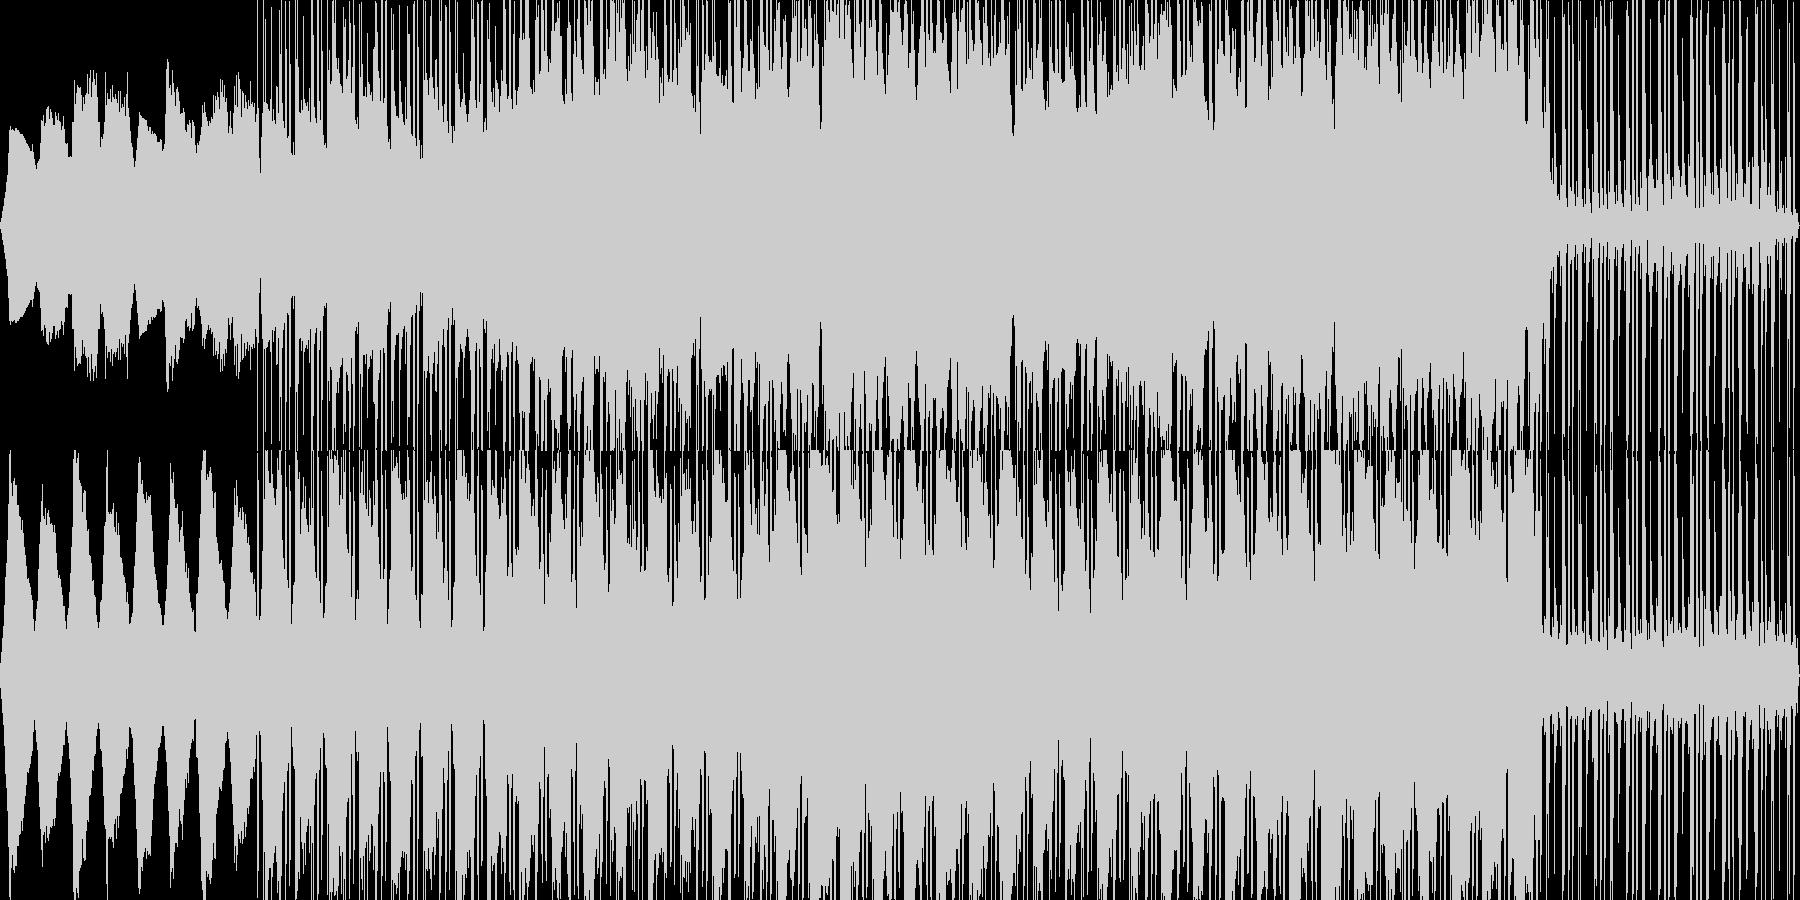 ゆっくりとしたサスペンス調のBGMの未再生の波形